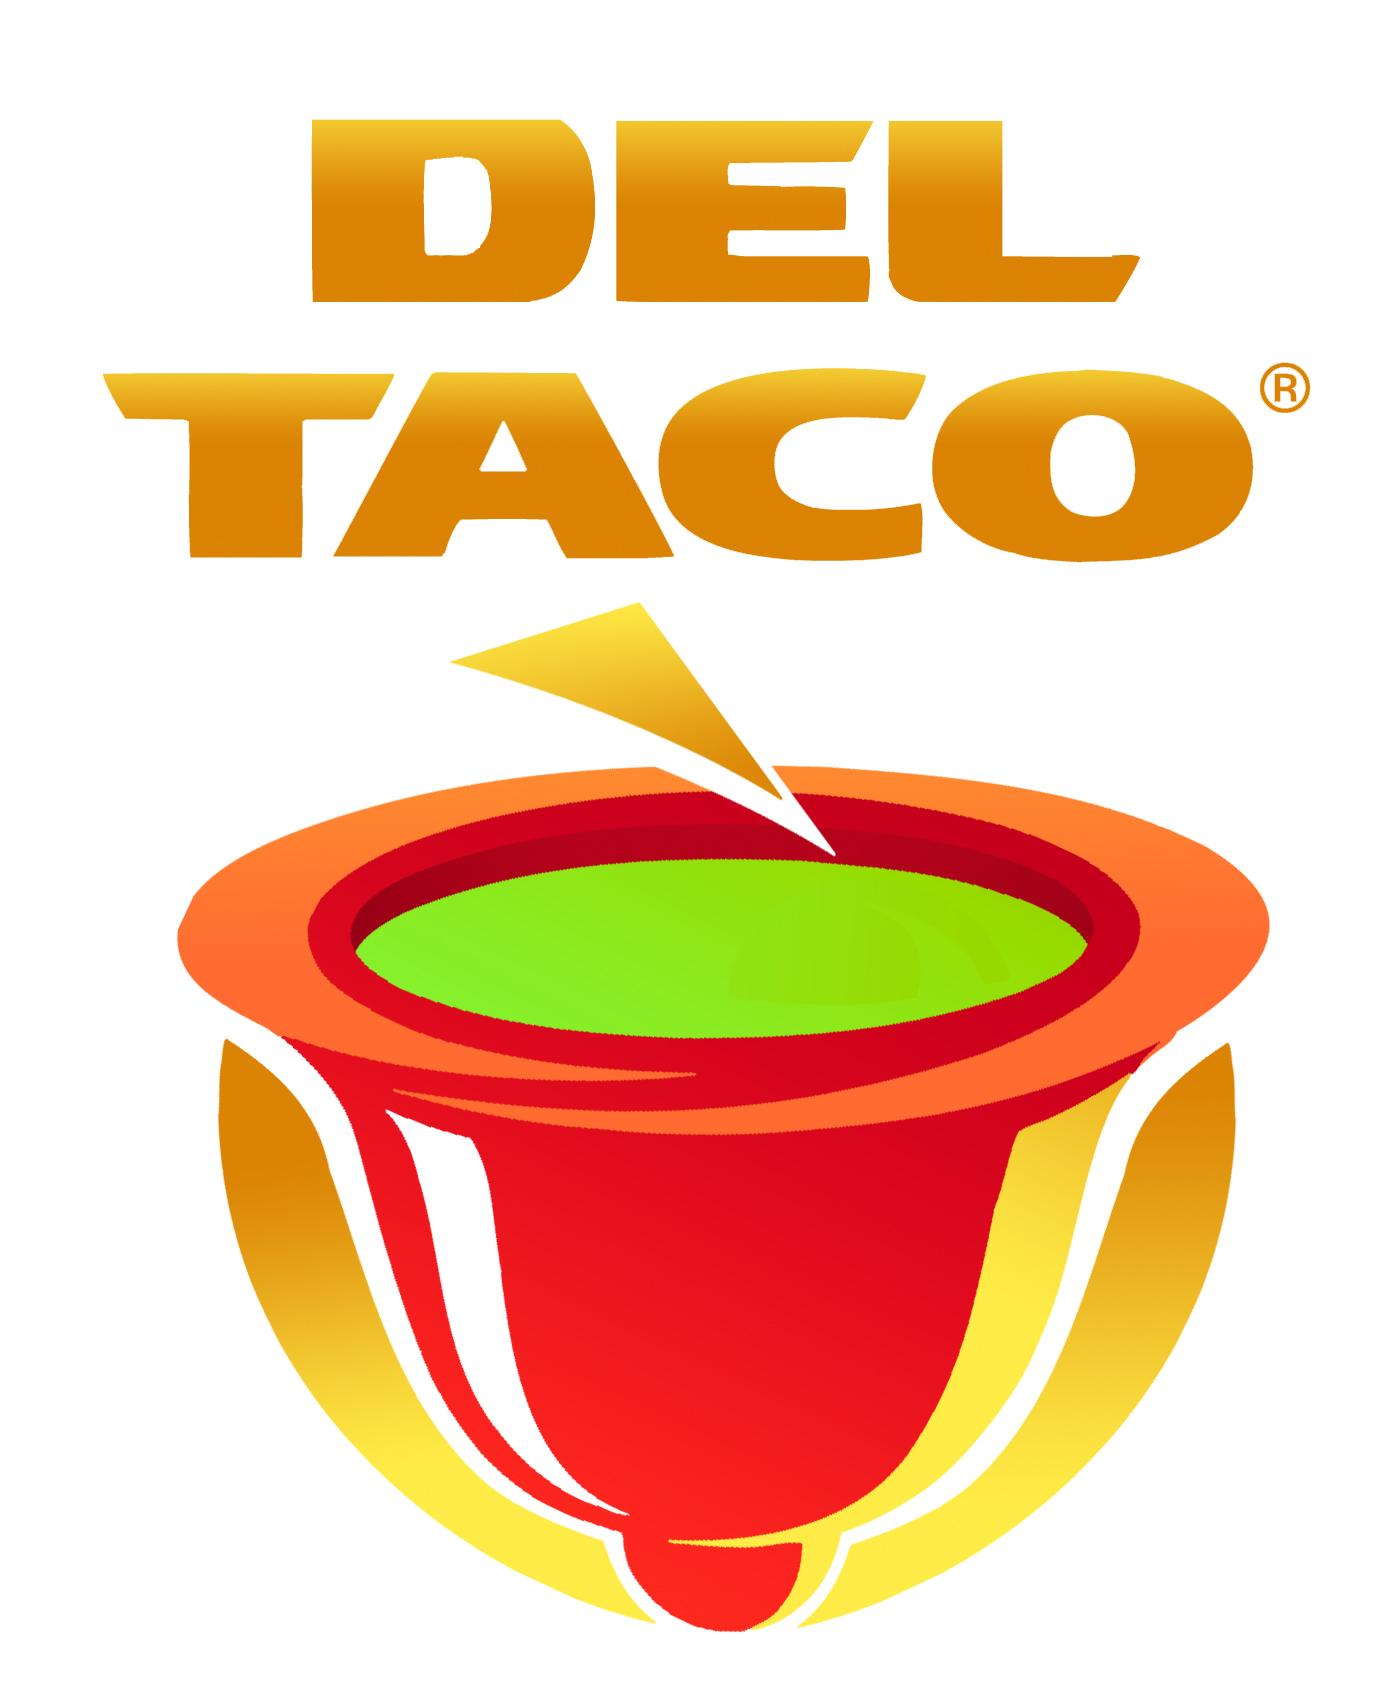 Taco clipart del taco : Del logo taco logo